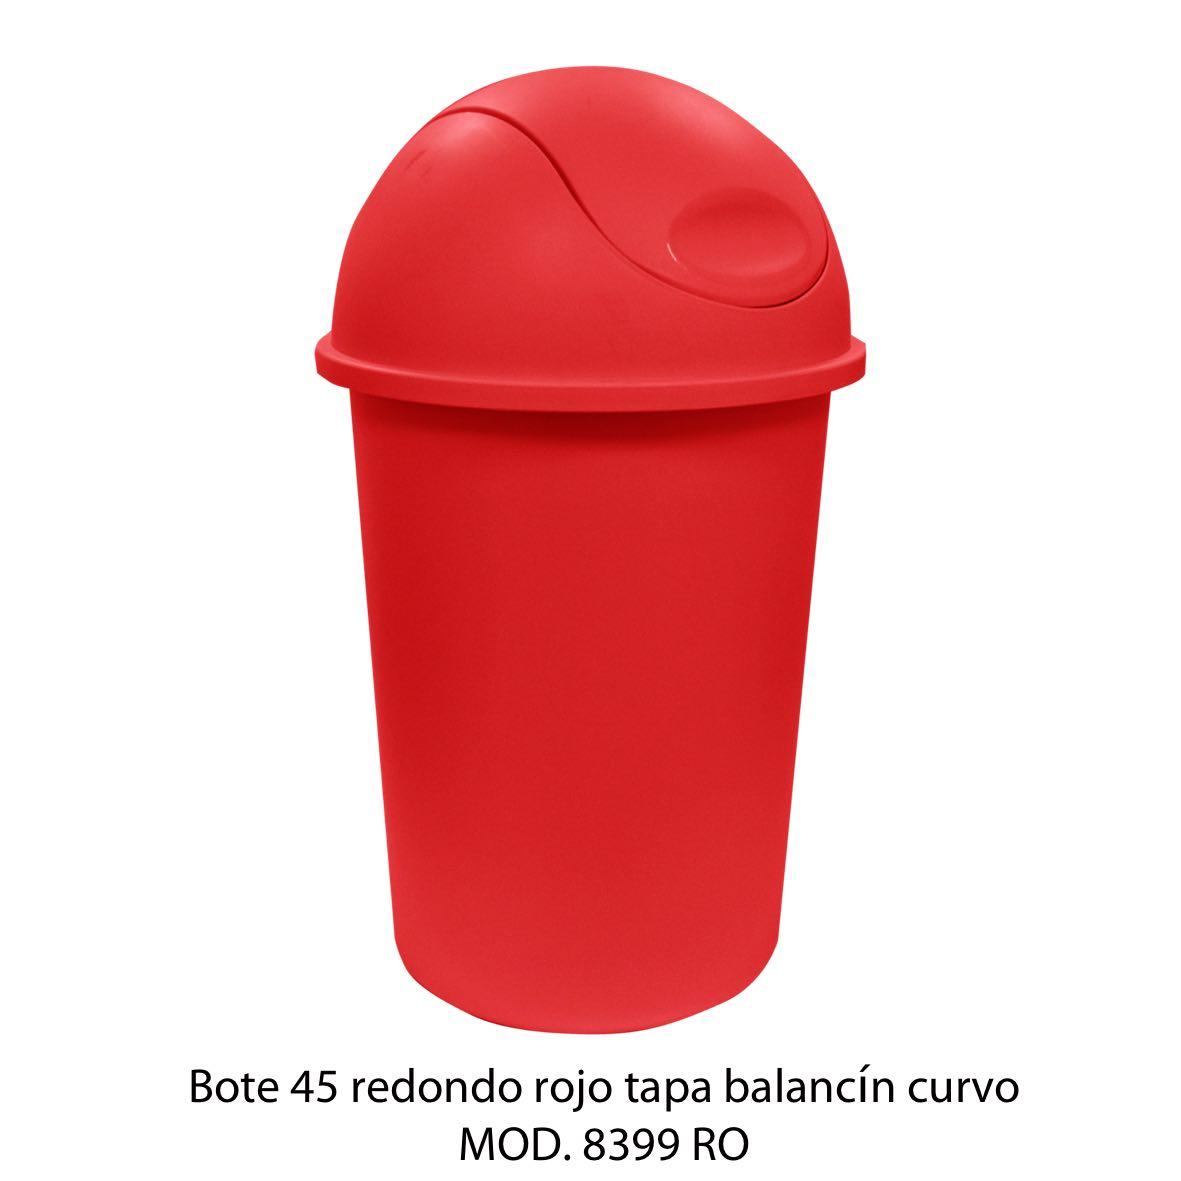 Bote de basura redondo de 45 litros con balancín curvo color rojo modelo 8399 RO - Sablón